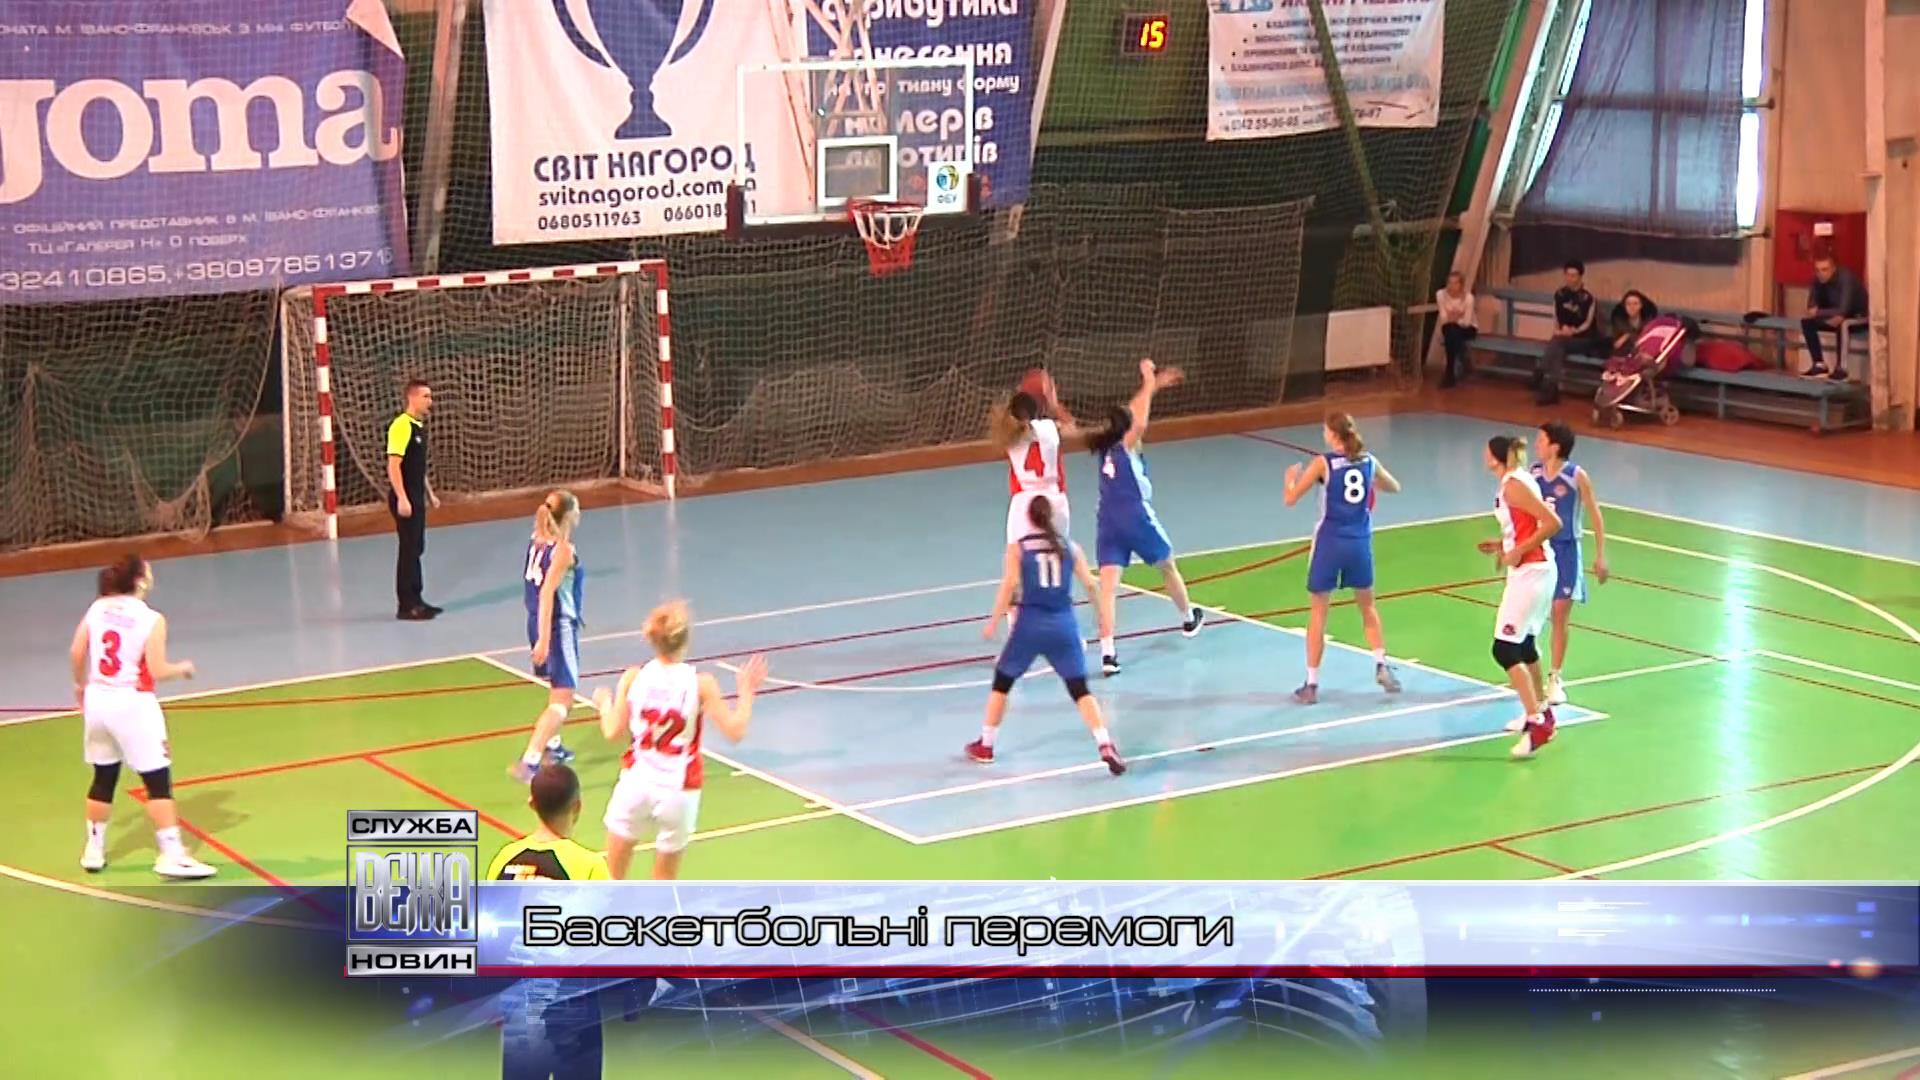 Баскетбольні перемоги[15-07-55]